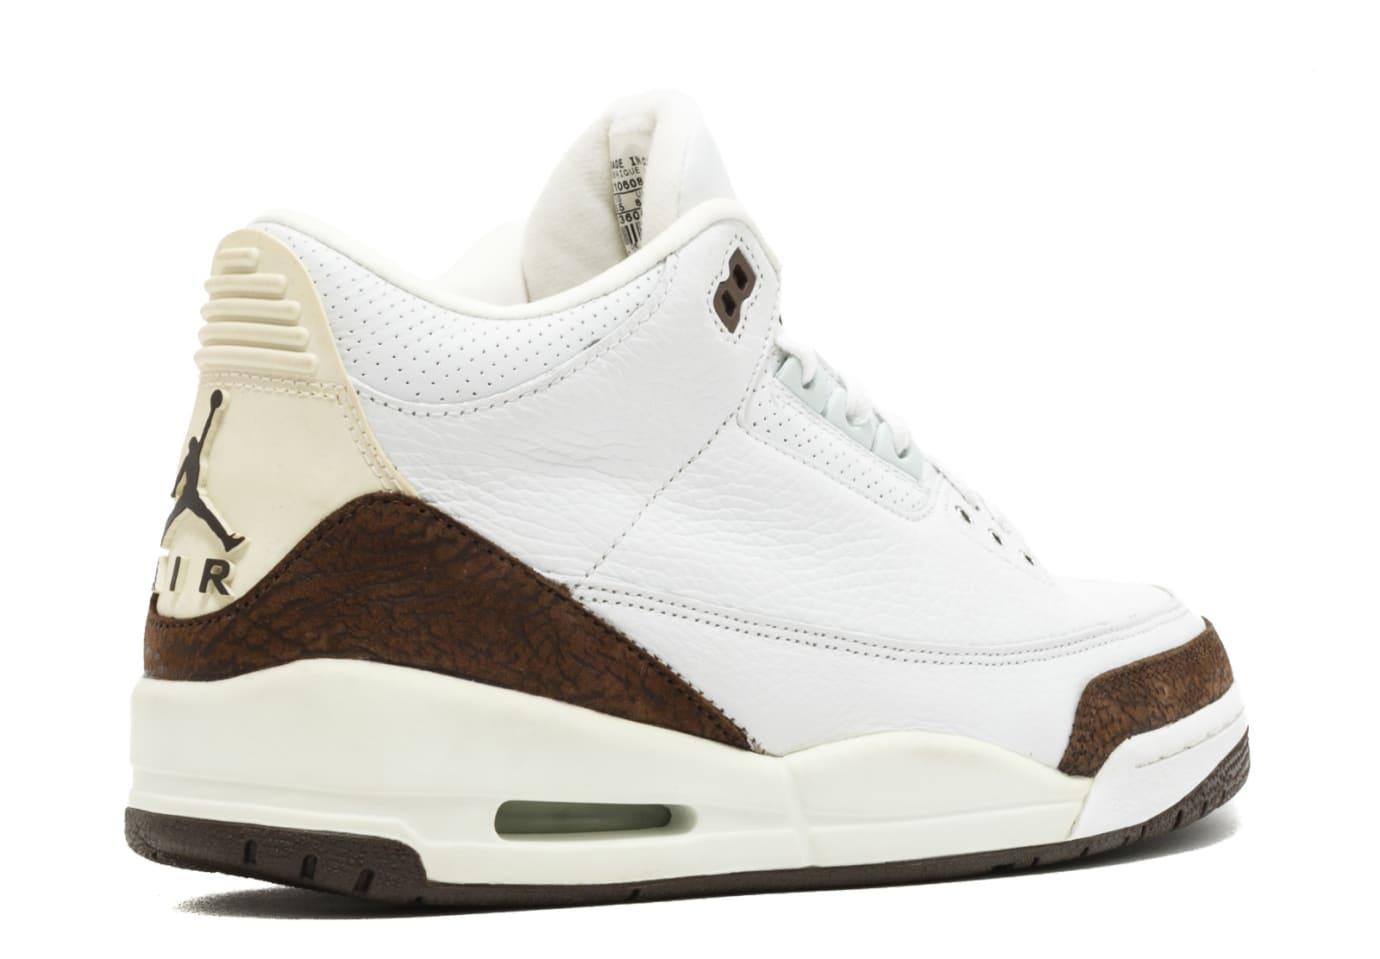 Air Jordan 3 Mocha Heel